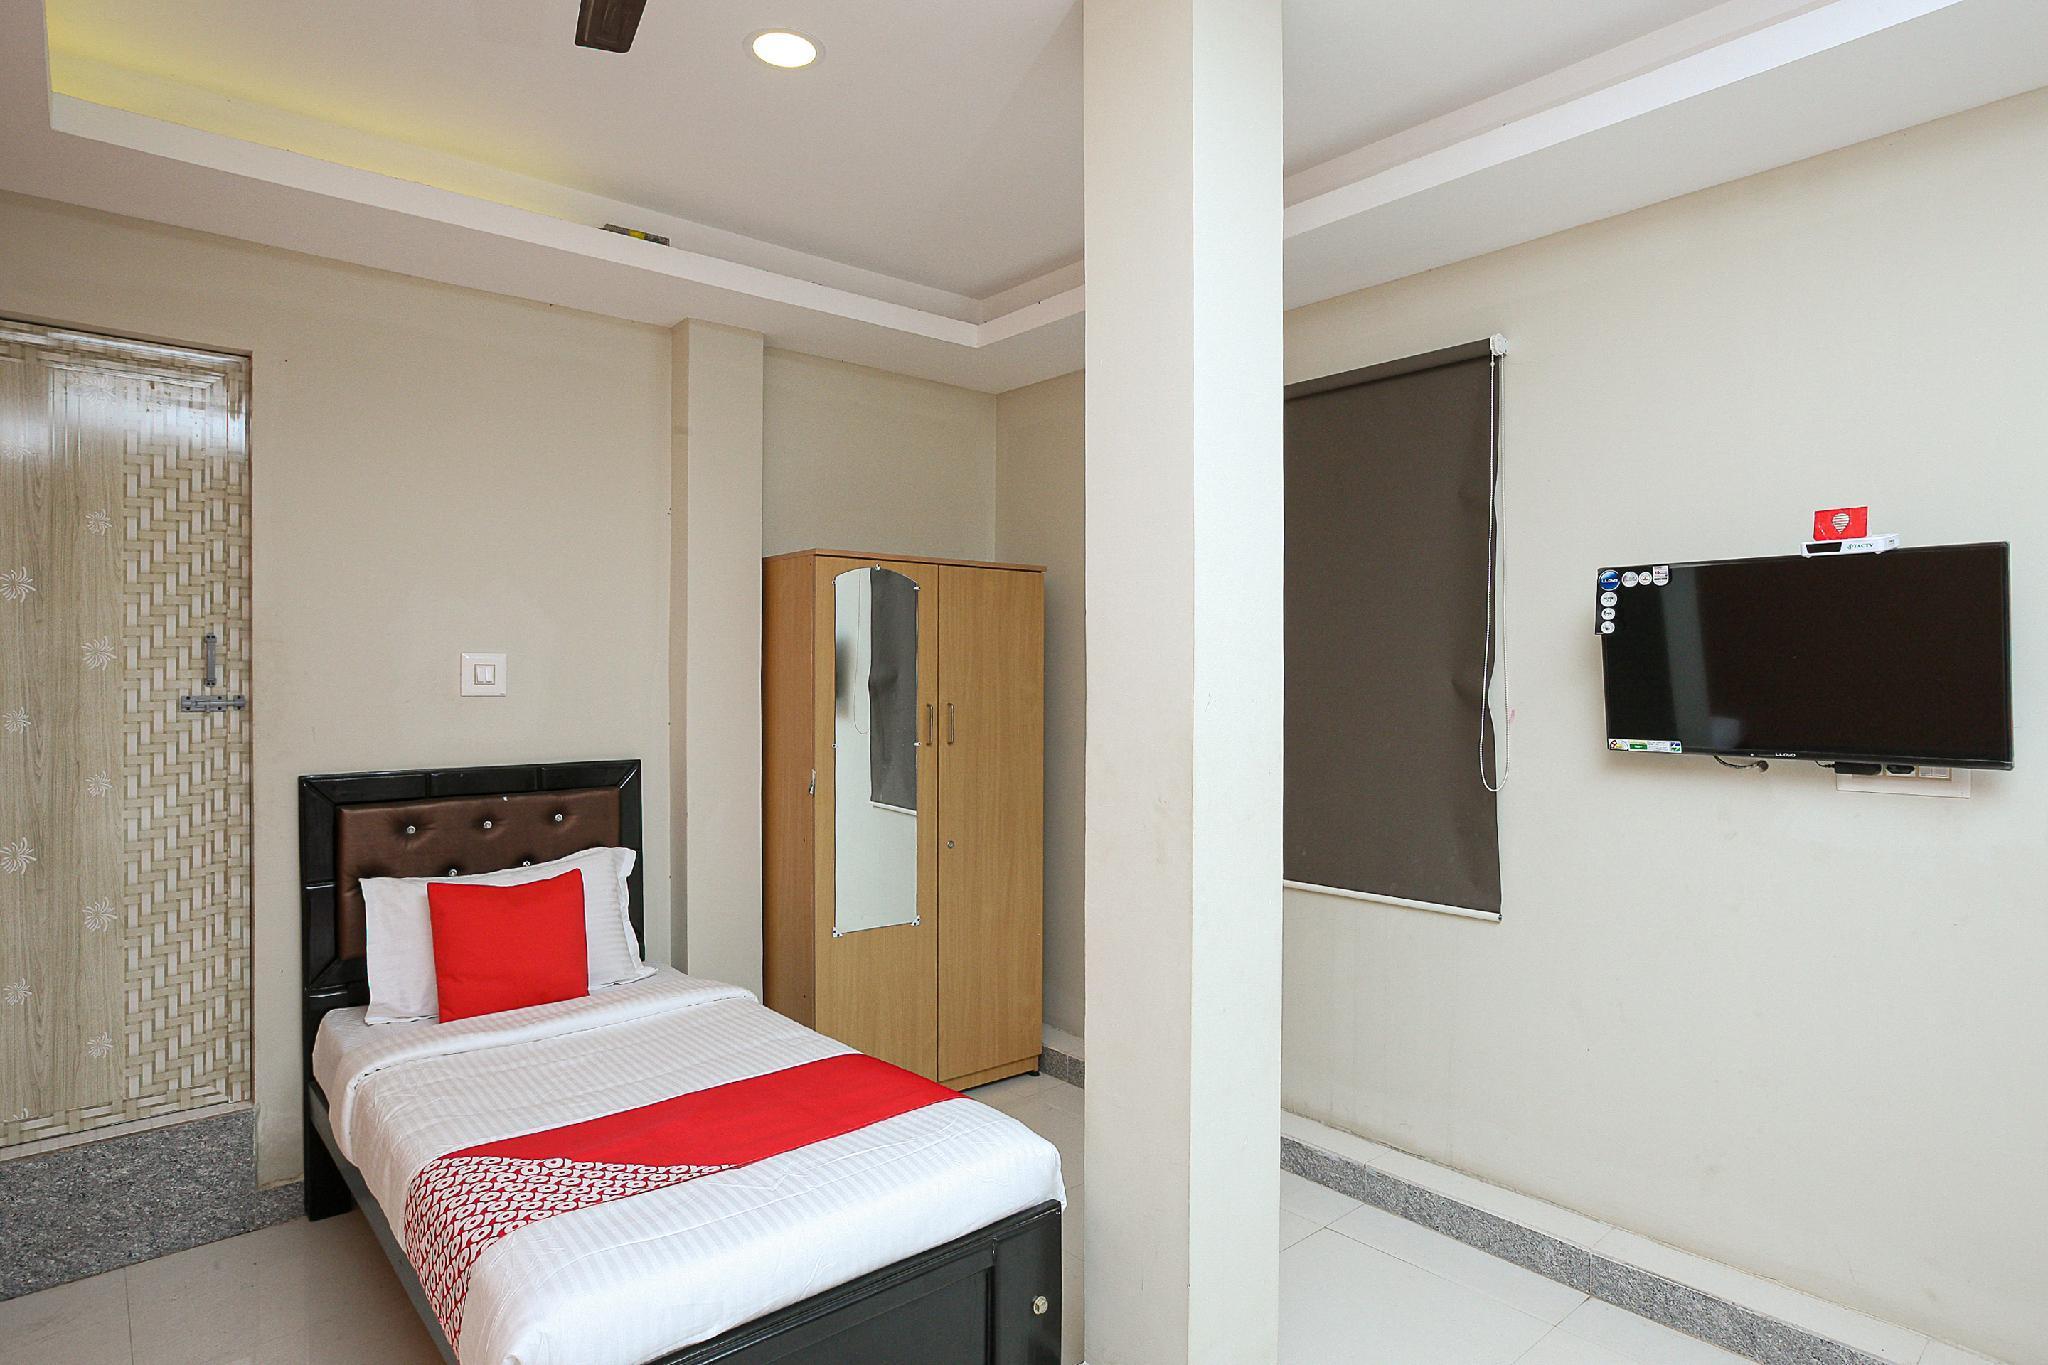 OYO 41469 HOTEL RATHNA, Tiruvannamalai